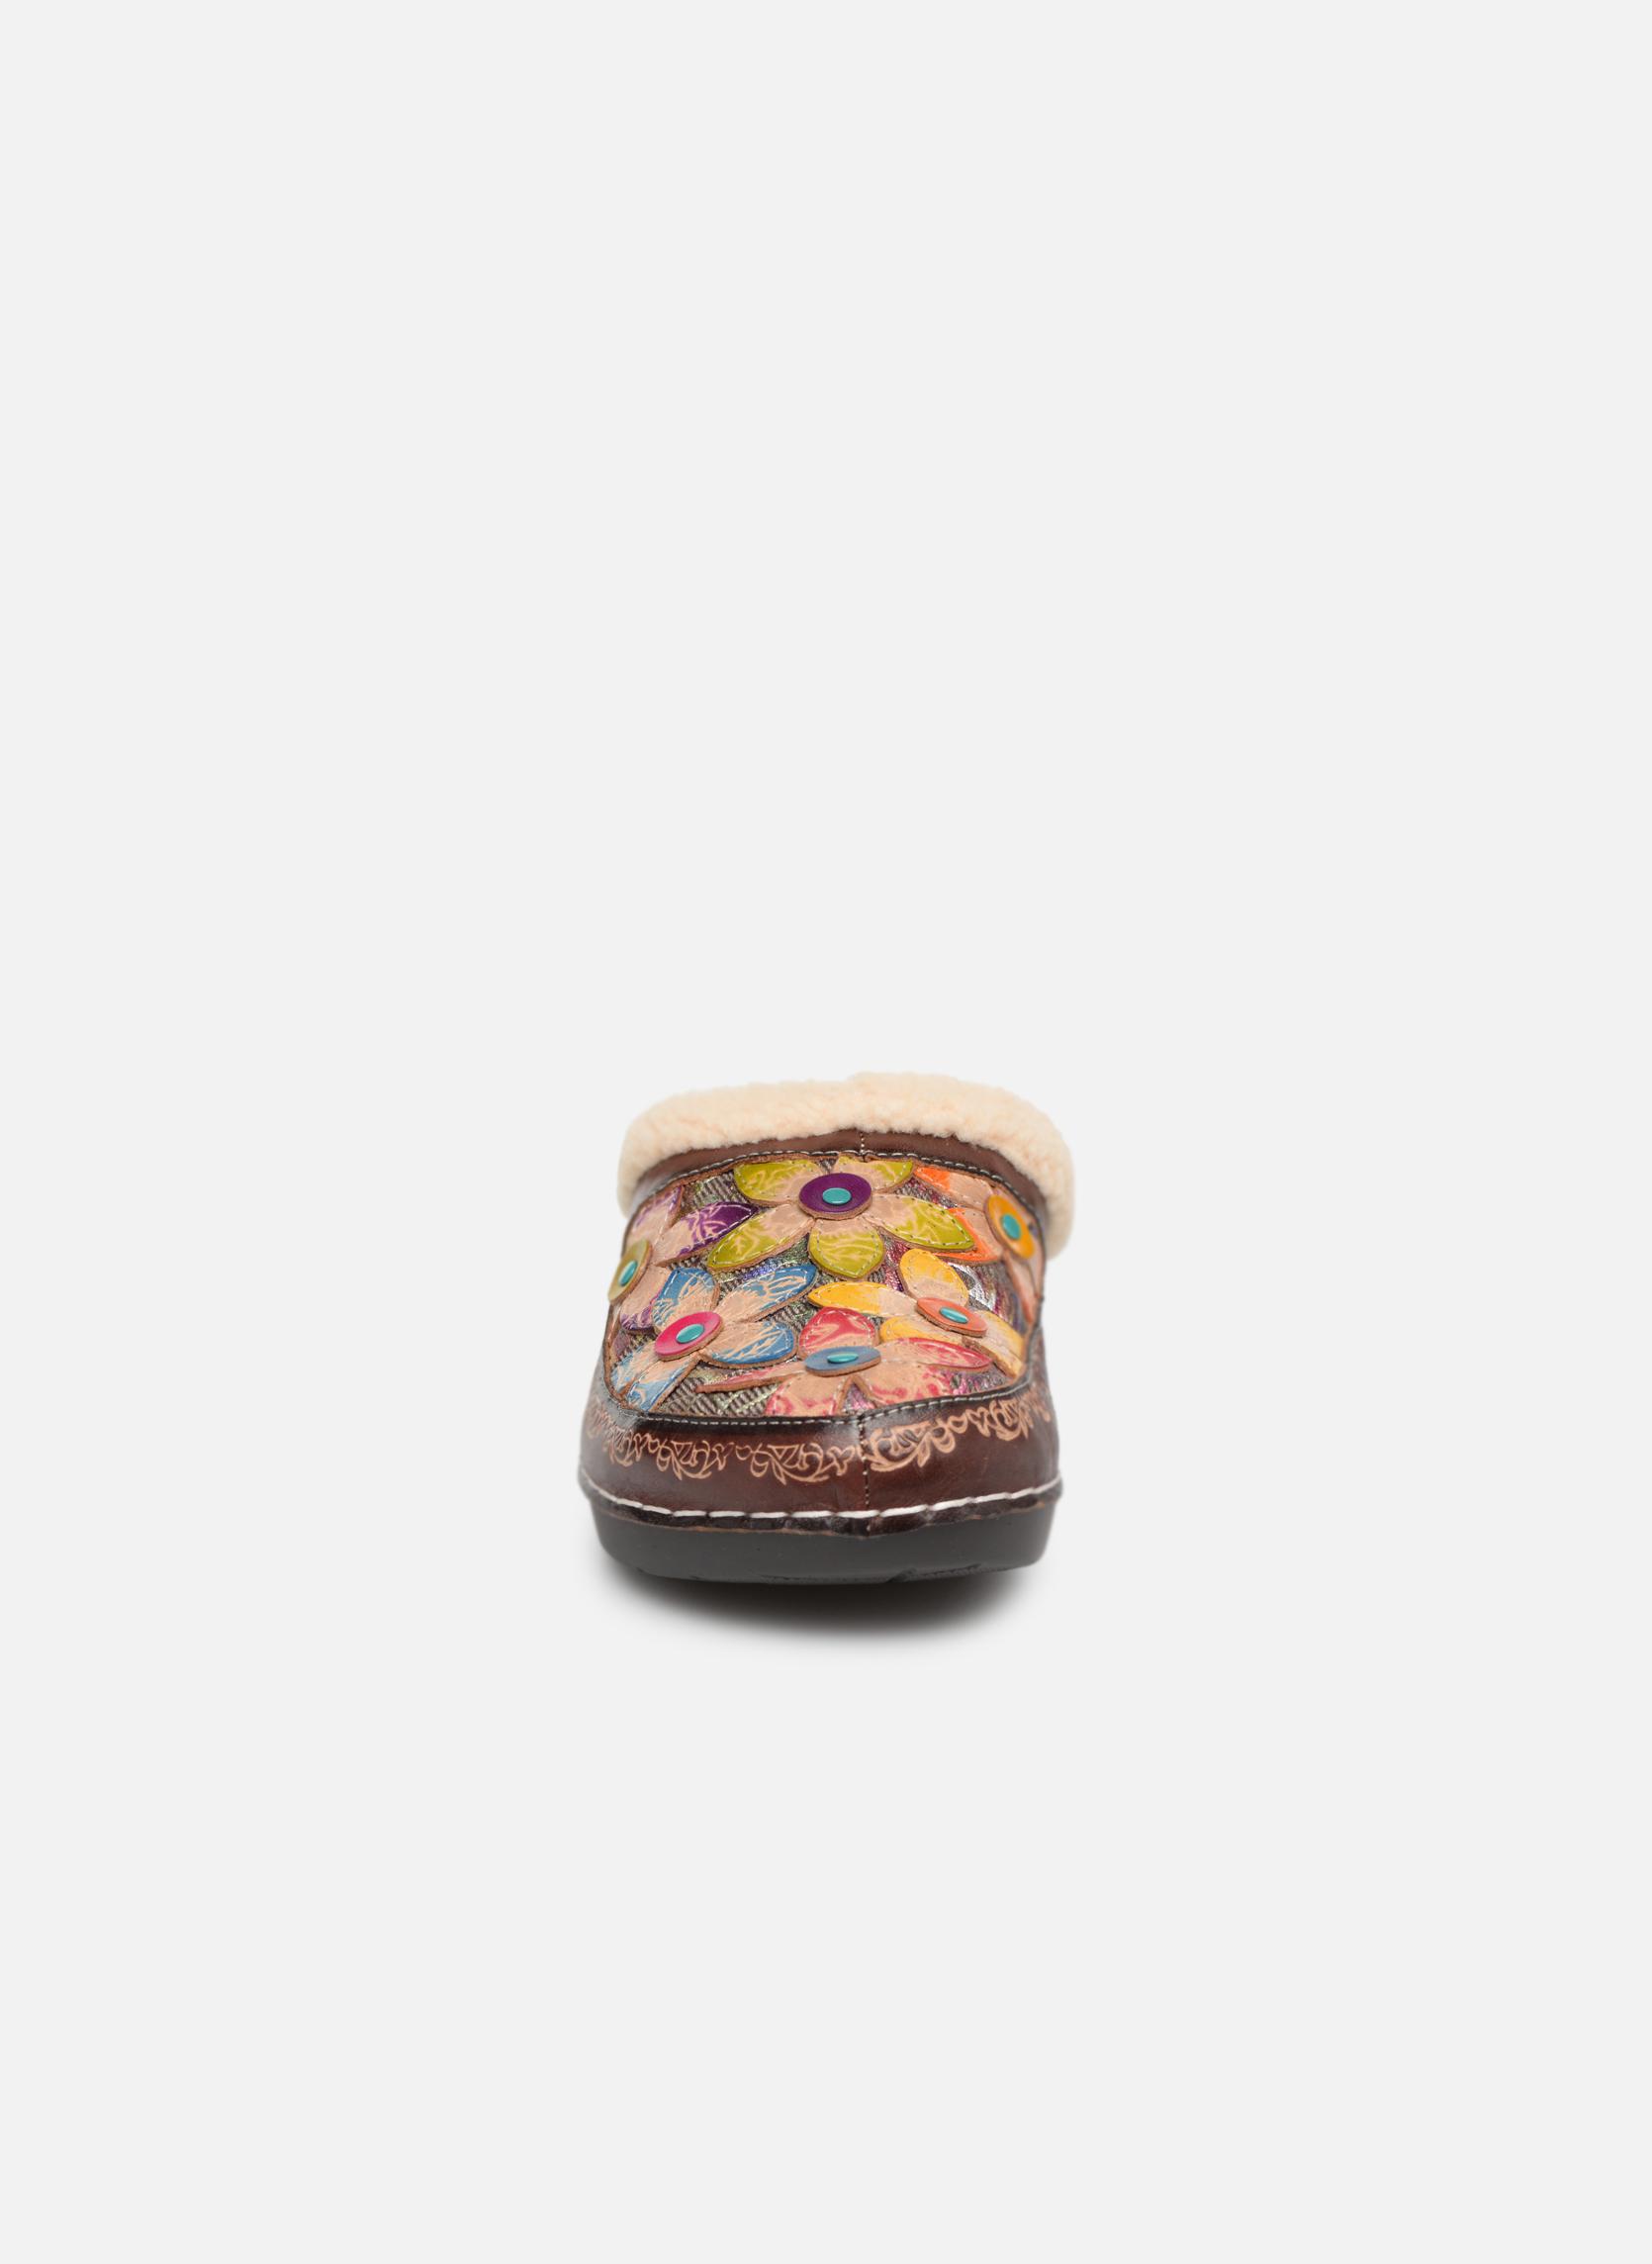 Laura Vita Trema lohnt (mehrfarbig) -Gutes Preis-Leistungs-Verhältnis, es lohnt Trema sich,Boutique-26859 dc9435